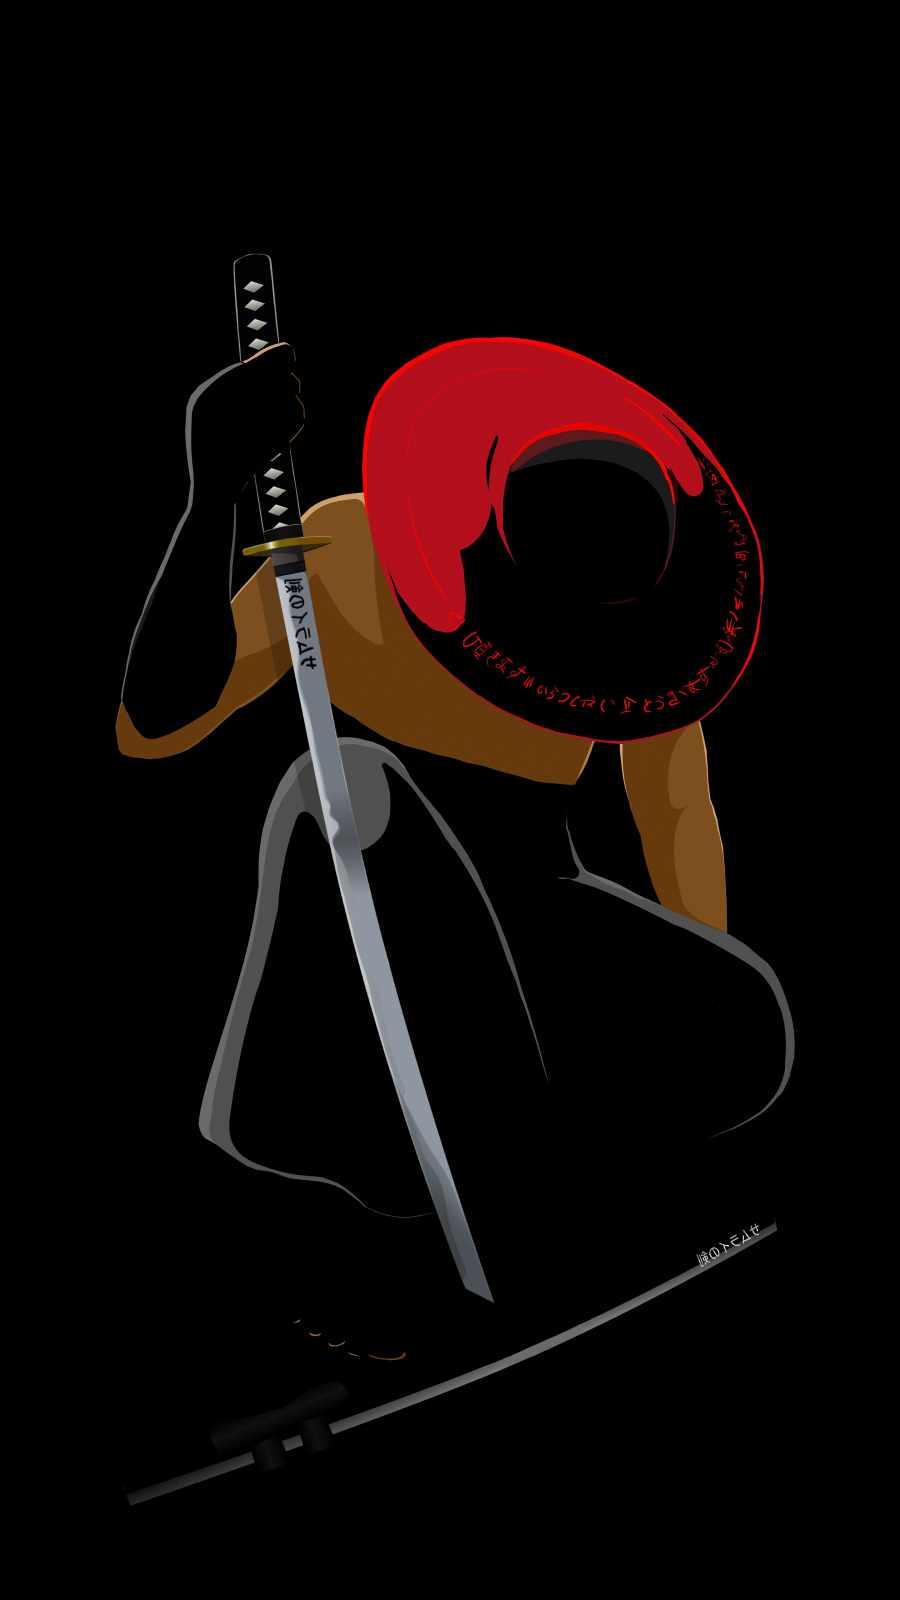 Samurai Jack iPhone Wallpaper